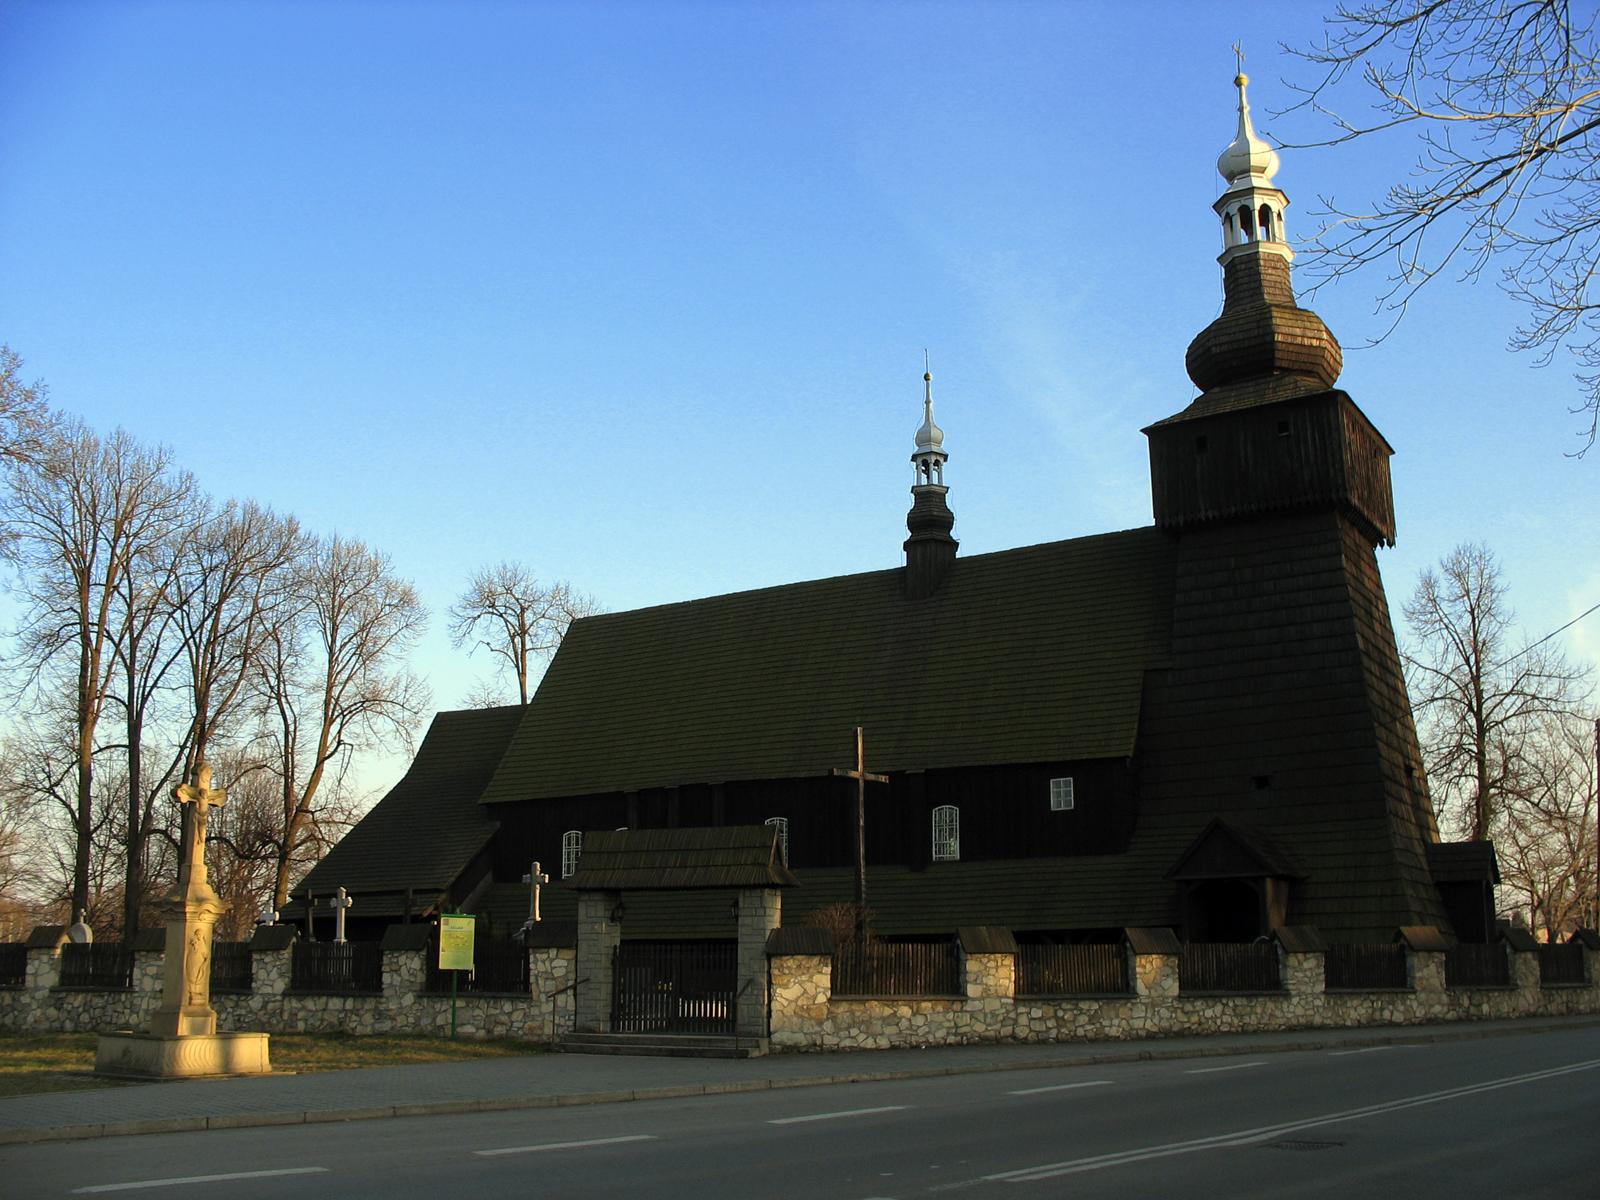 Miedźna - kościół Św. Klemensa Papieża z XVII wieku